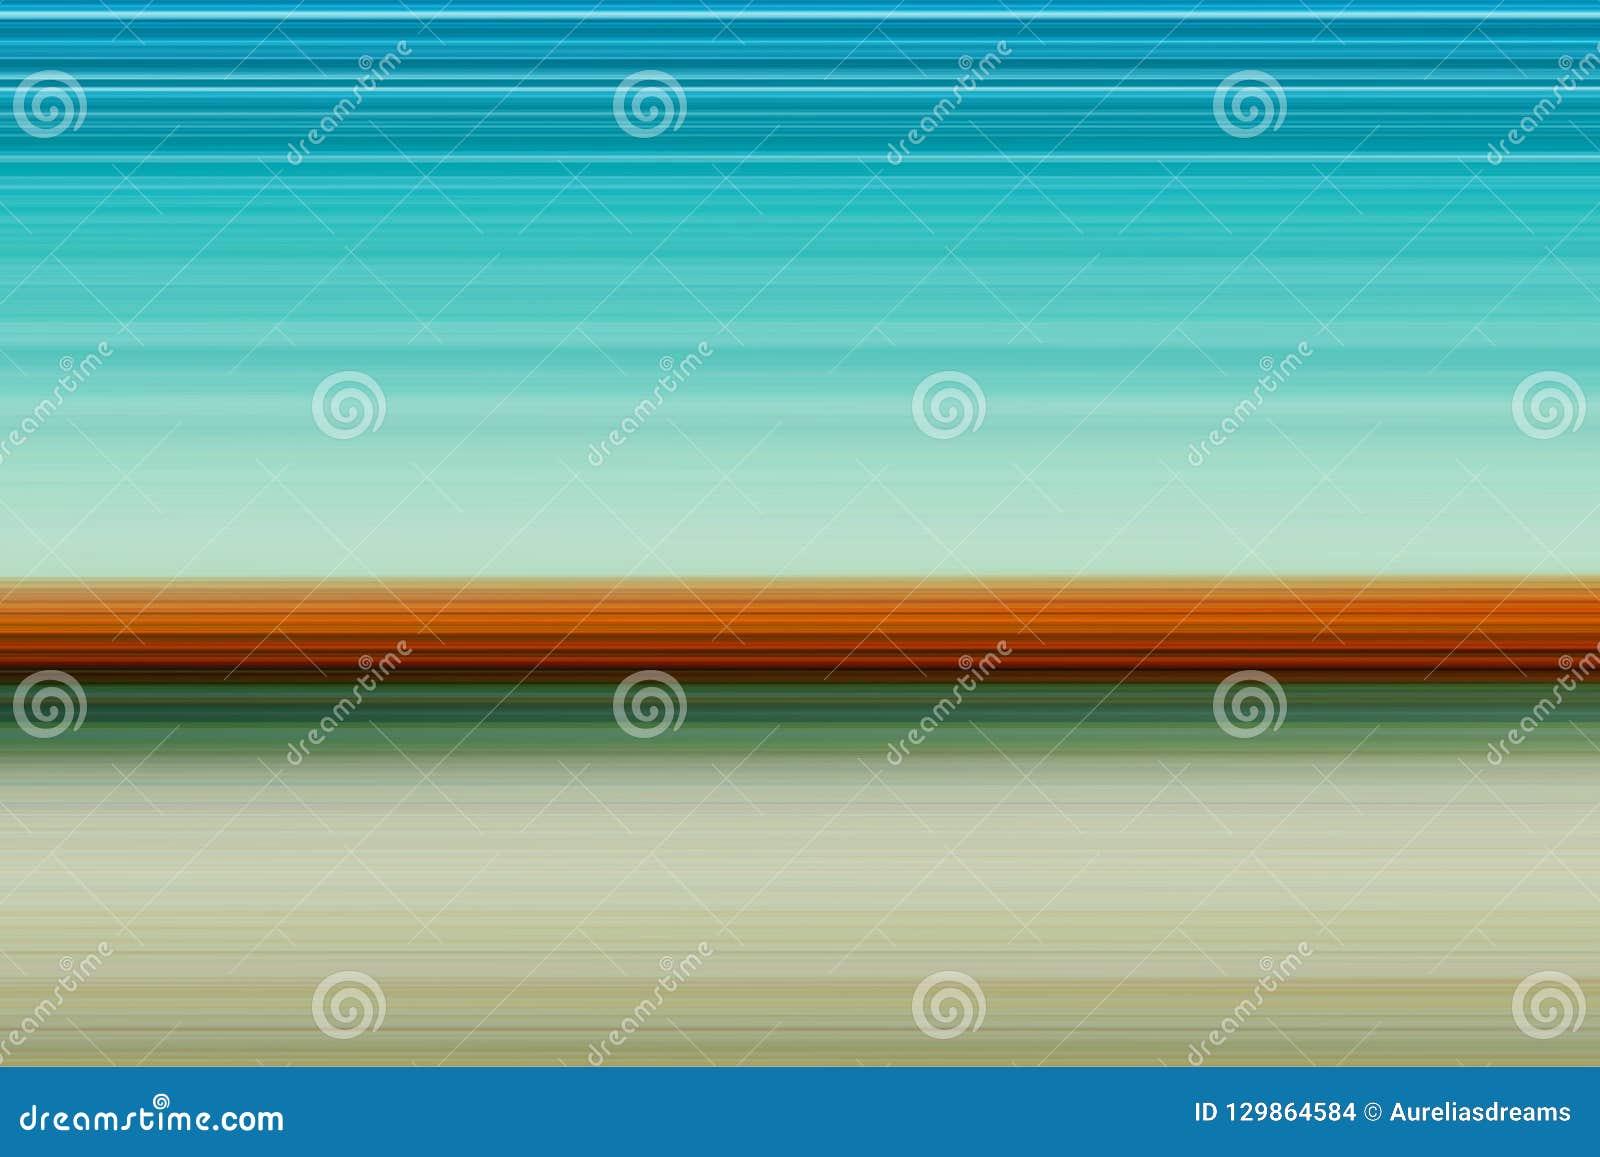 Lineas horizontales brillantes fondo, textura del extracto olorful del ¡de Ð en tonos brillantes